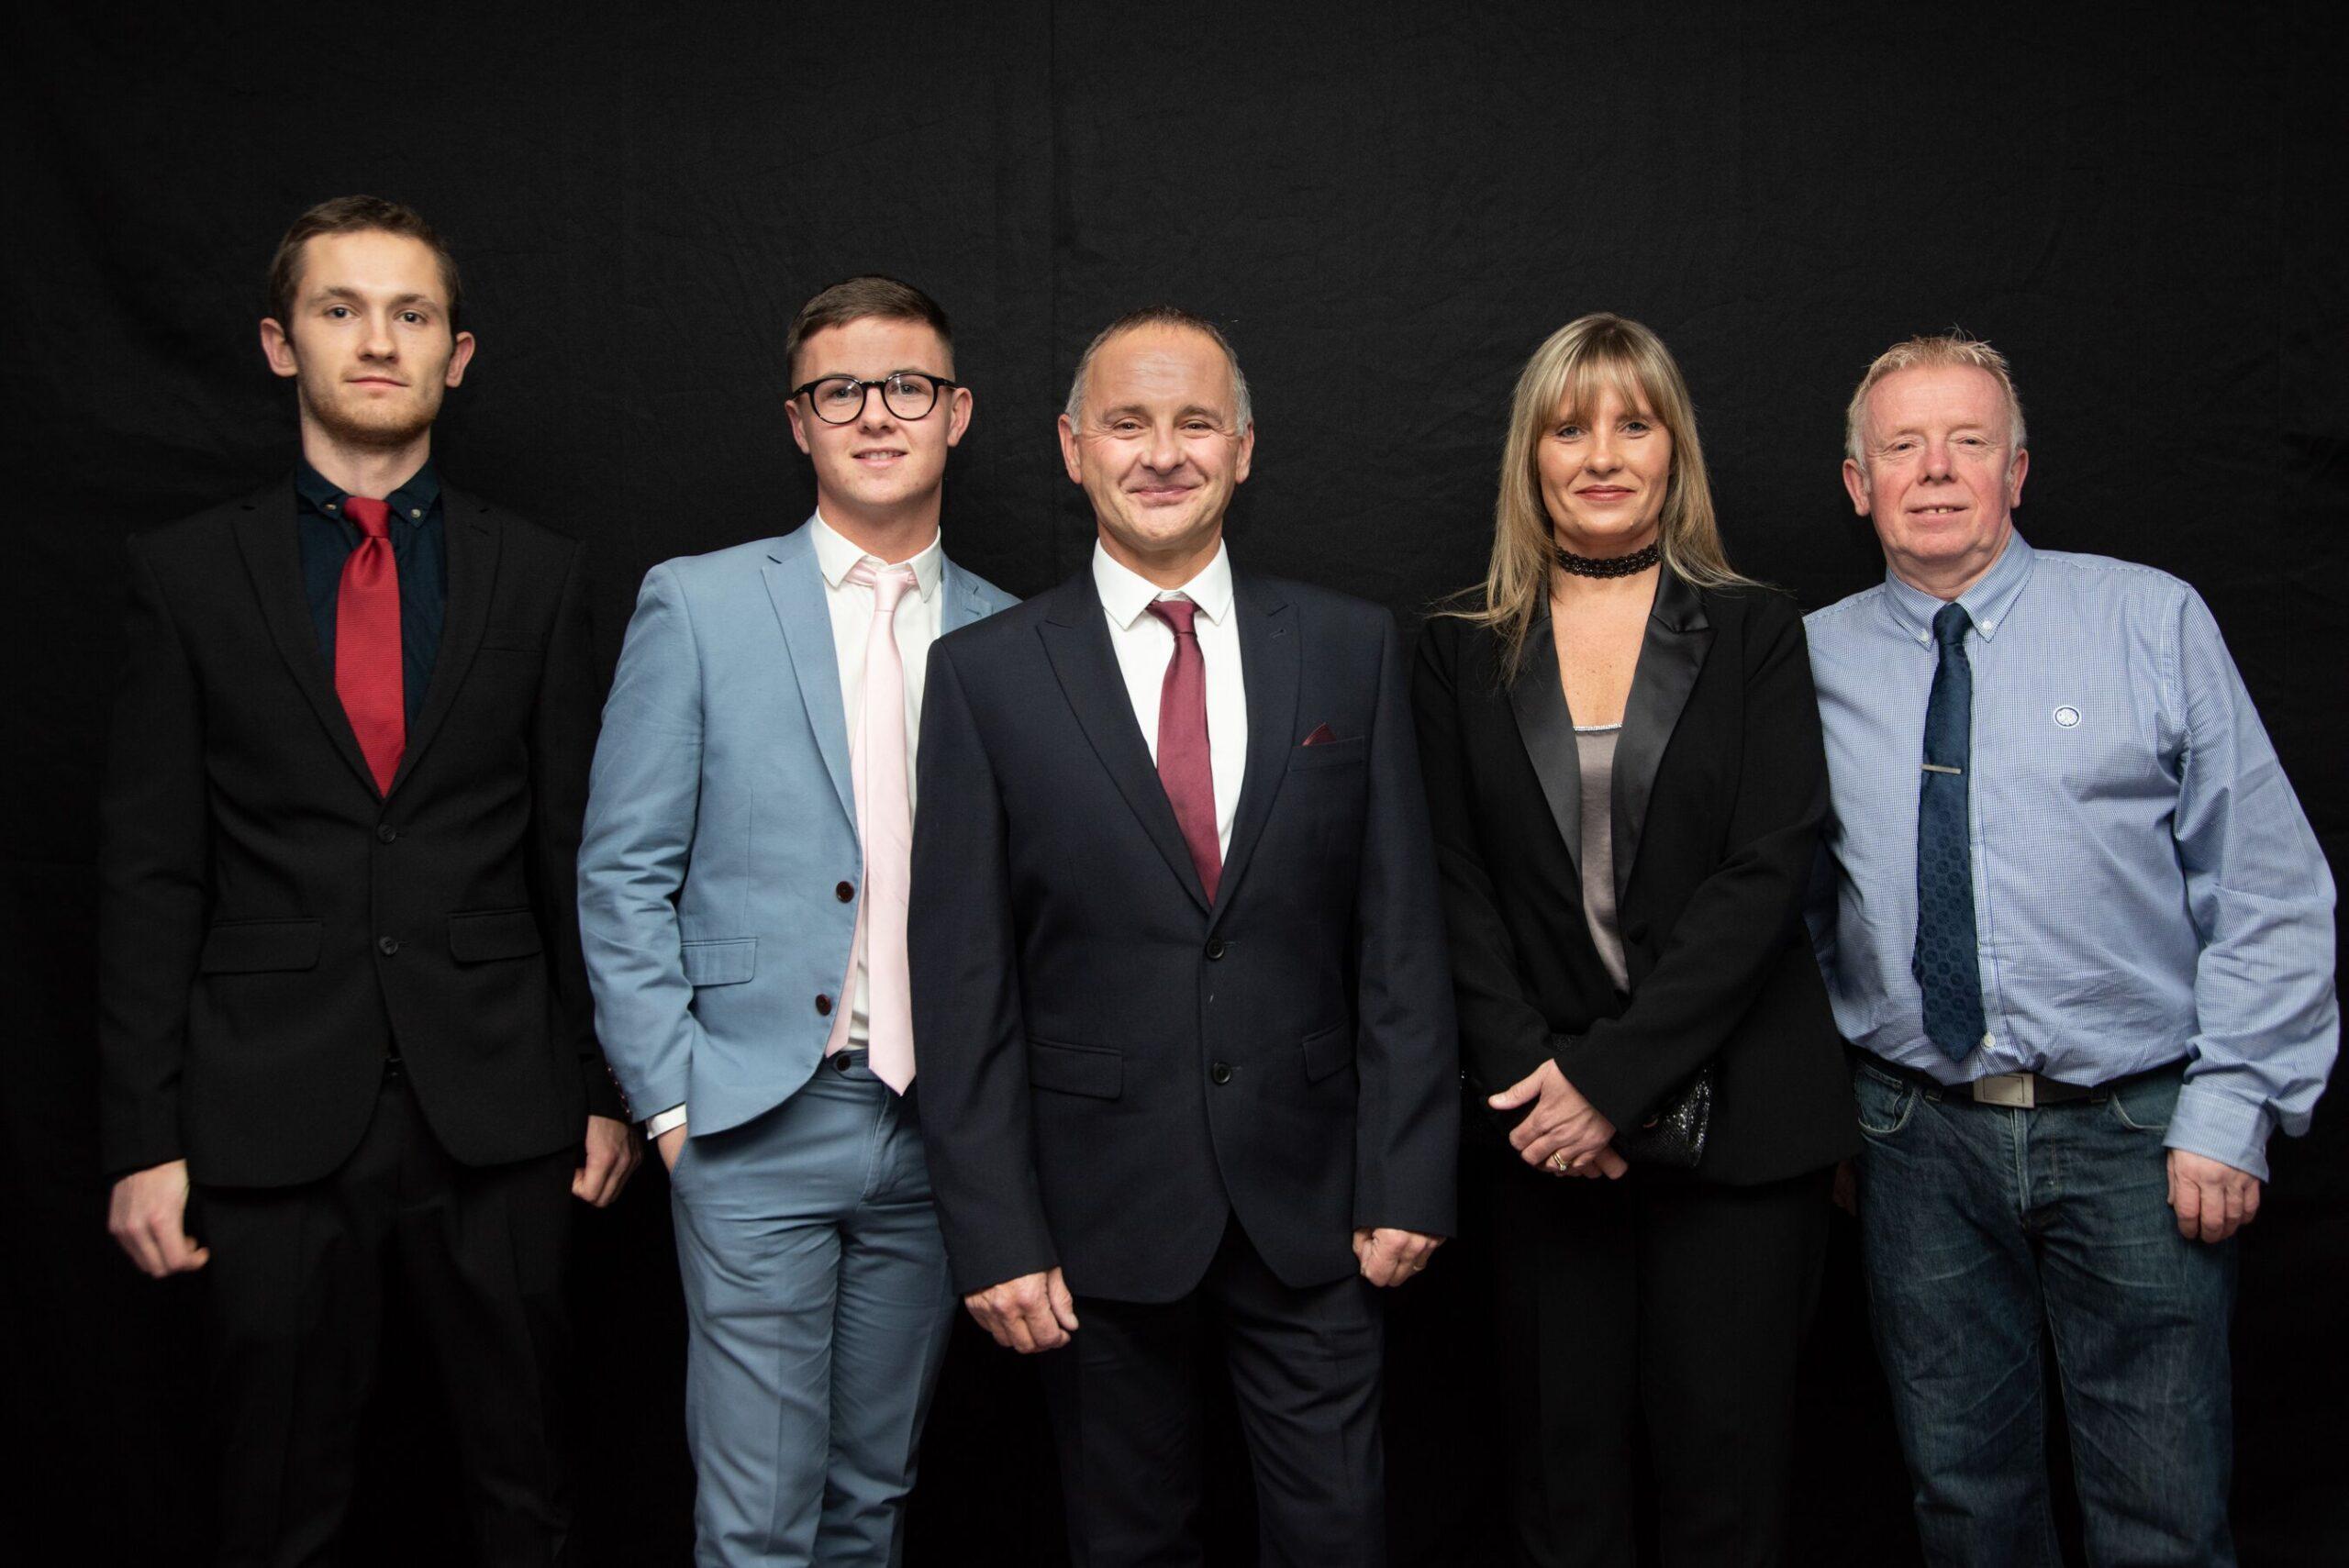 2019 business award photos